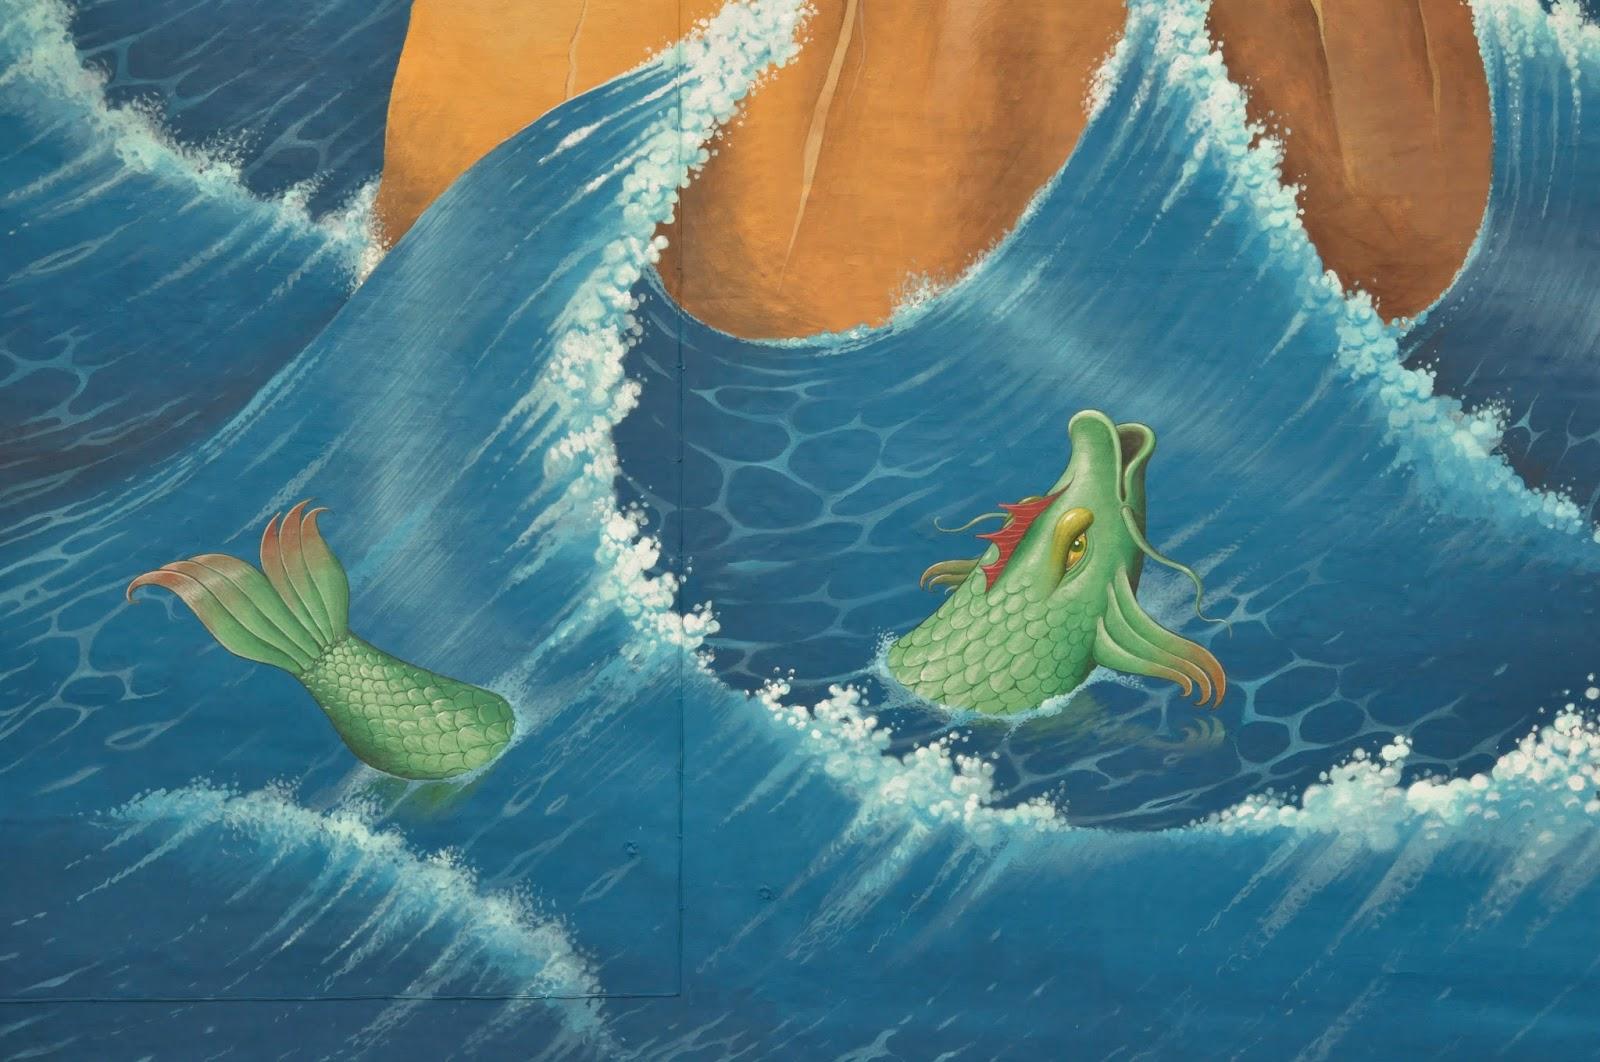 interesni-kazki-new-mural-in-aalborg-denmark-06